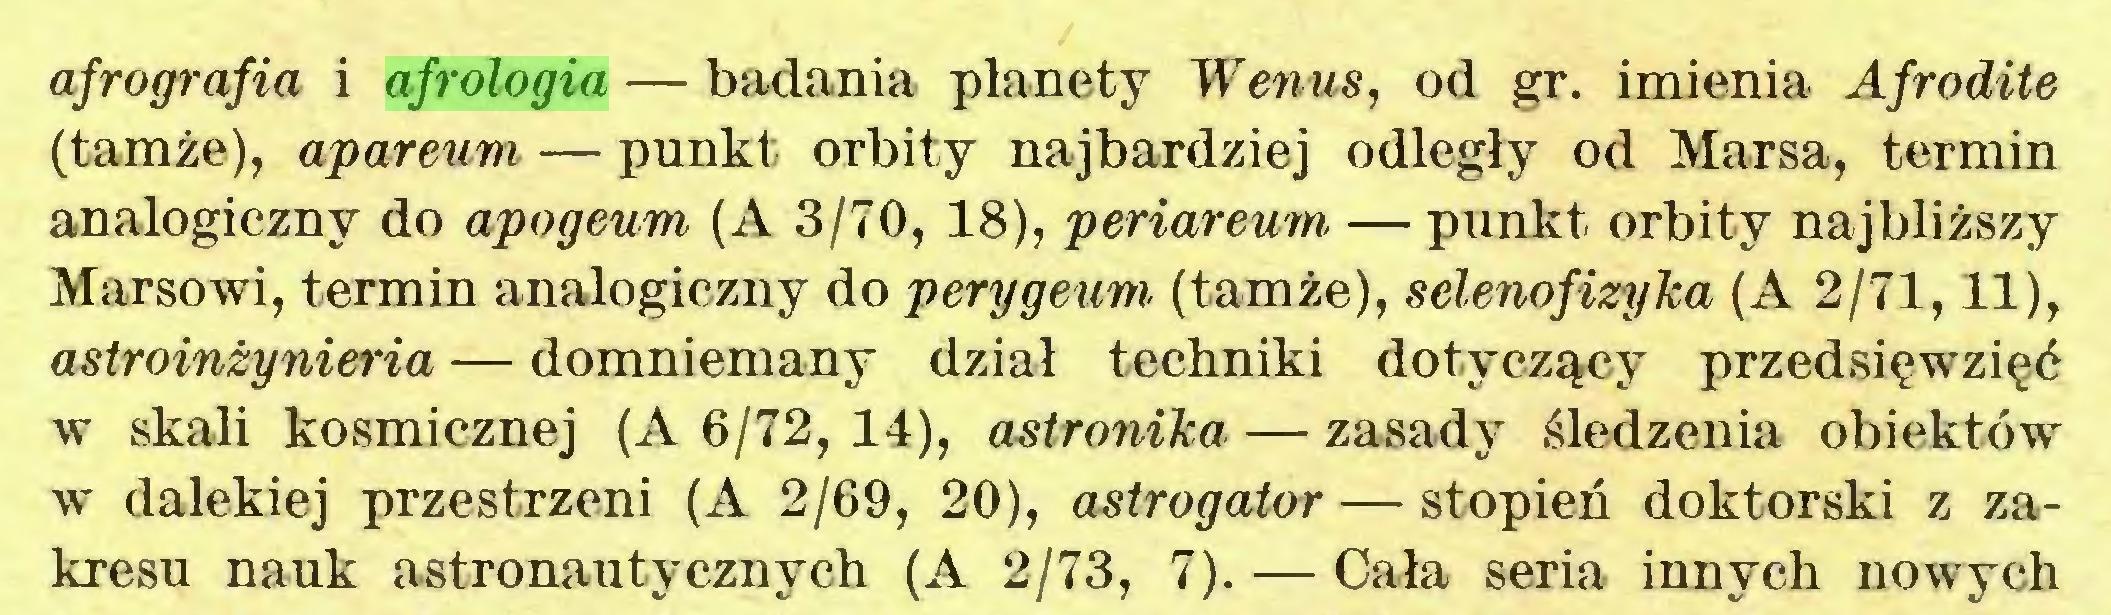 (...) afrografia i afrologia — badania planety Wenus, od gr. imienia Afrodite (tamże), apareum — punkt orbity najbardziej odległy od Marsa, termin analogiczny do apogeum (A 3/70, 18), periareum — punkt orbity najbliższy Marsowi, termin analogiczny do perygeum (tamże), selenofizyka (A 2/71,11), astroinżynieria — domniemany dział techniki dotyczący przedsięwzięć w skali kosmicznej (A 6/72, 14), astronika — zasady śledzenia obiektów w dalekiej przestrzeni (A 2/69, 20), astrogator — stopień doktorski z zakresu nauk astronautycznych (A 2/73, 7). — Cała seria innych nowych...